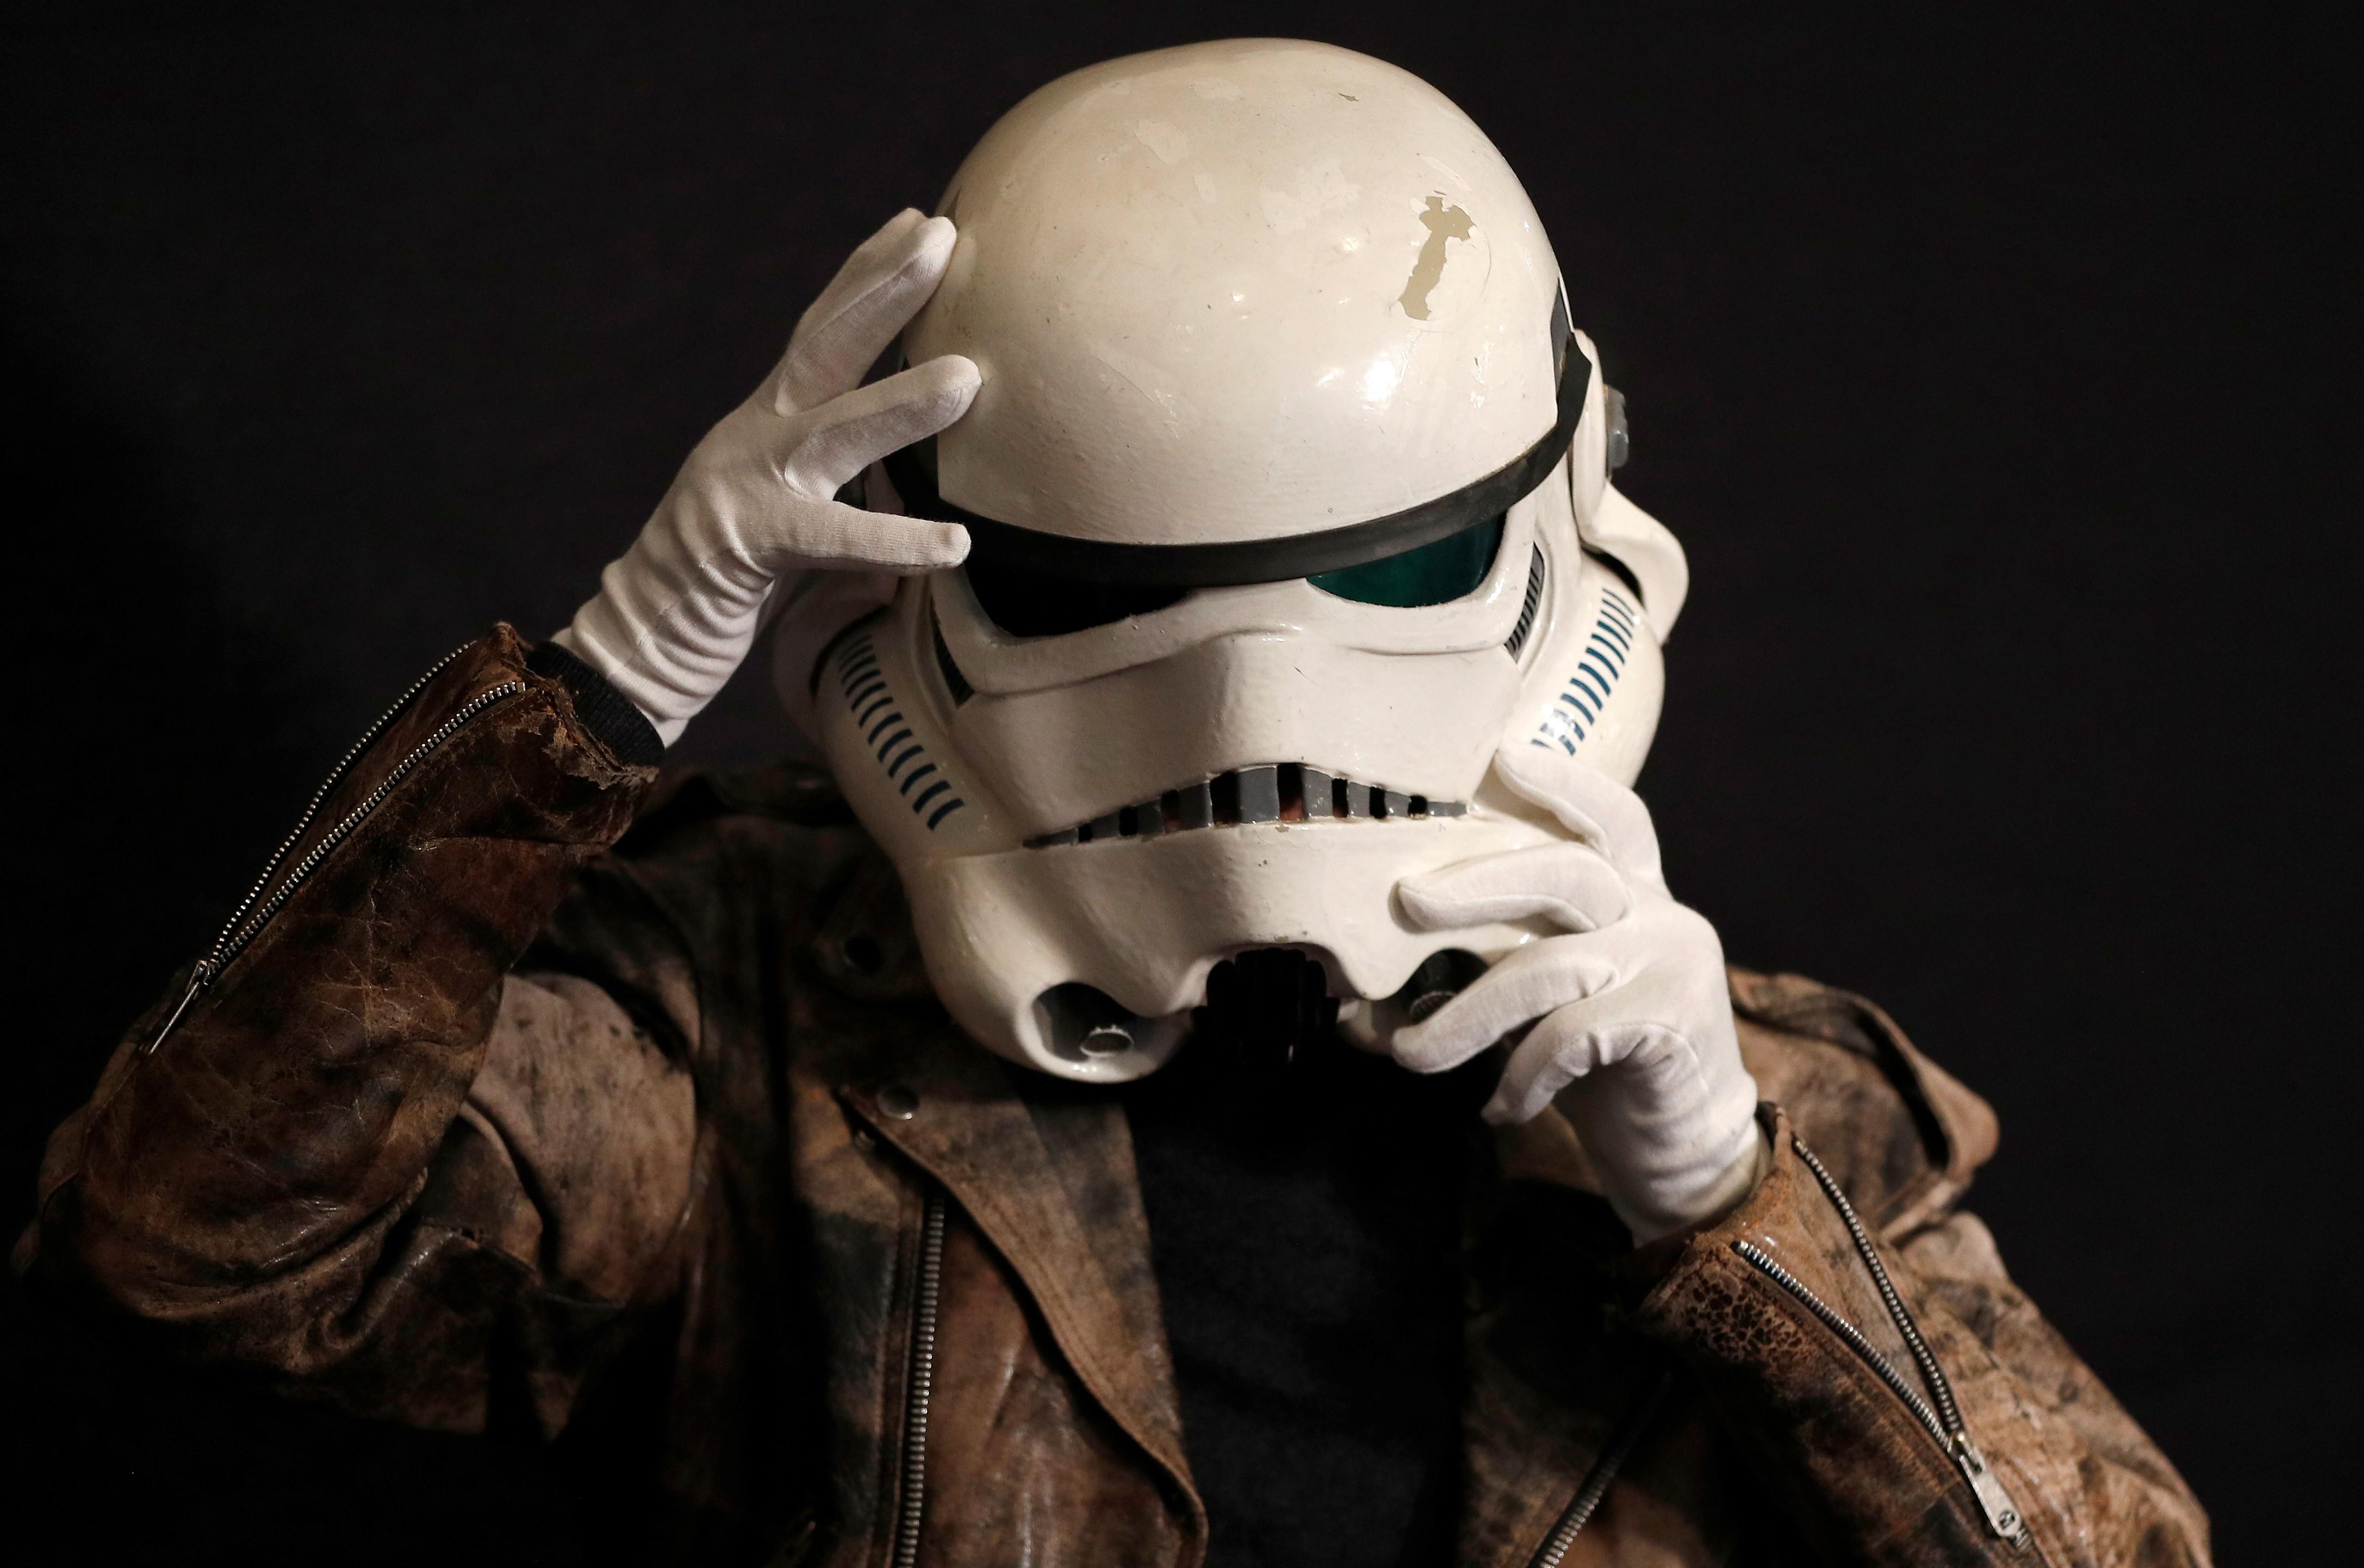 Capacete do 'Star Wars' e outros objetos de filmes famosos vão a leilão em Londres - Noticias